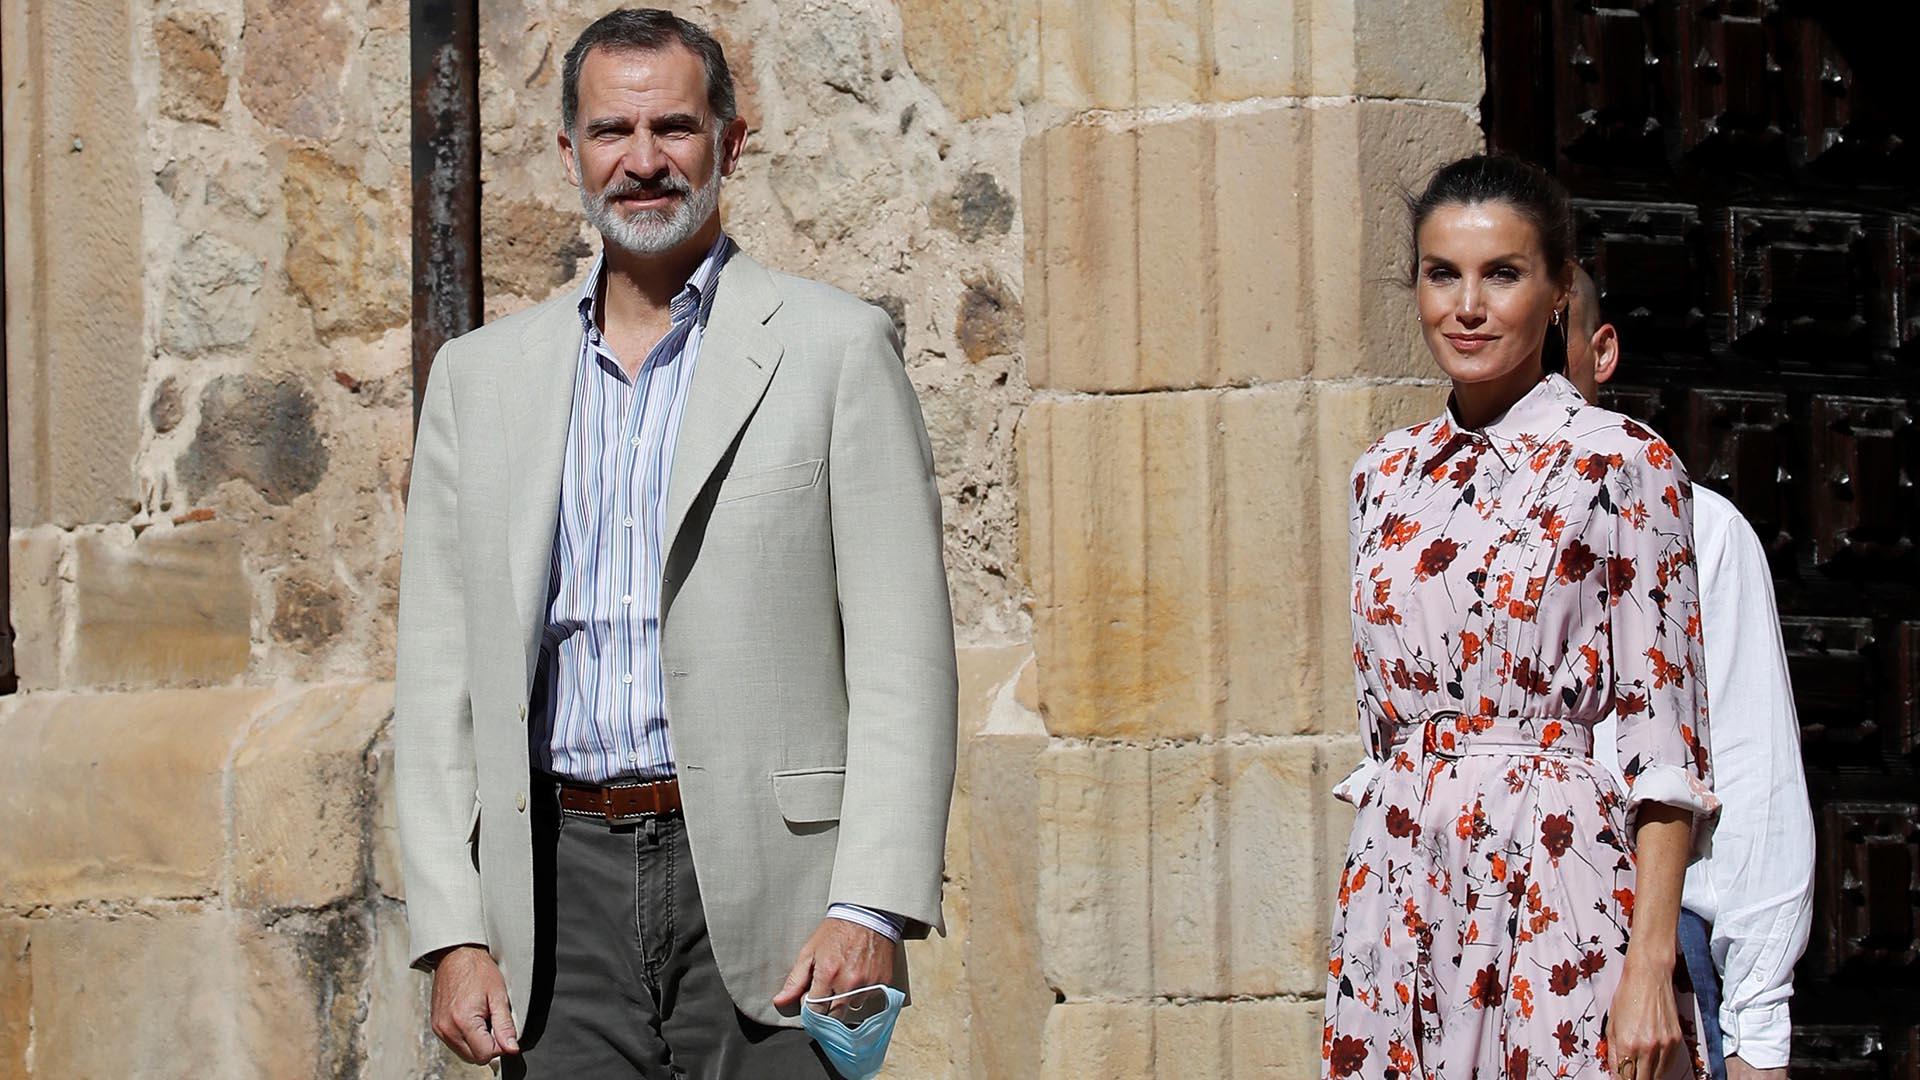 Los monarcas a su llegada al Colegio Tierra de Pinares en Vinuesa, Soria, donde se interesaron por la situación de los adultos mayores y la despoblación en el contexto de la actual pandemia